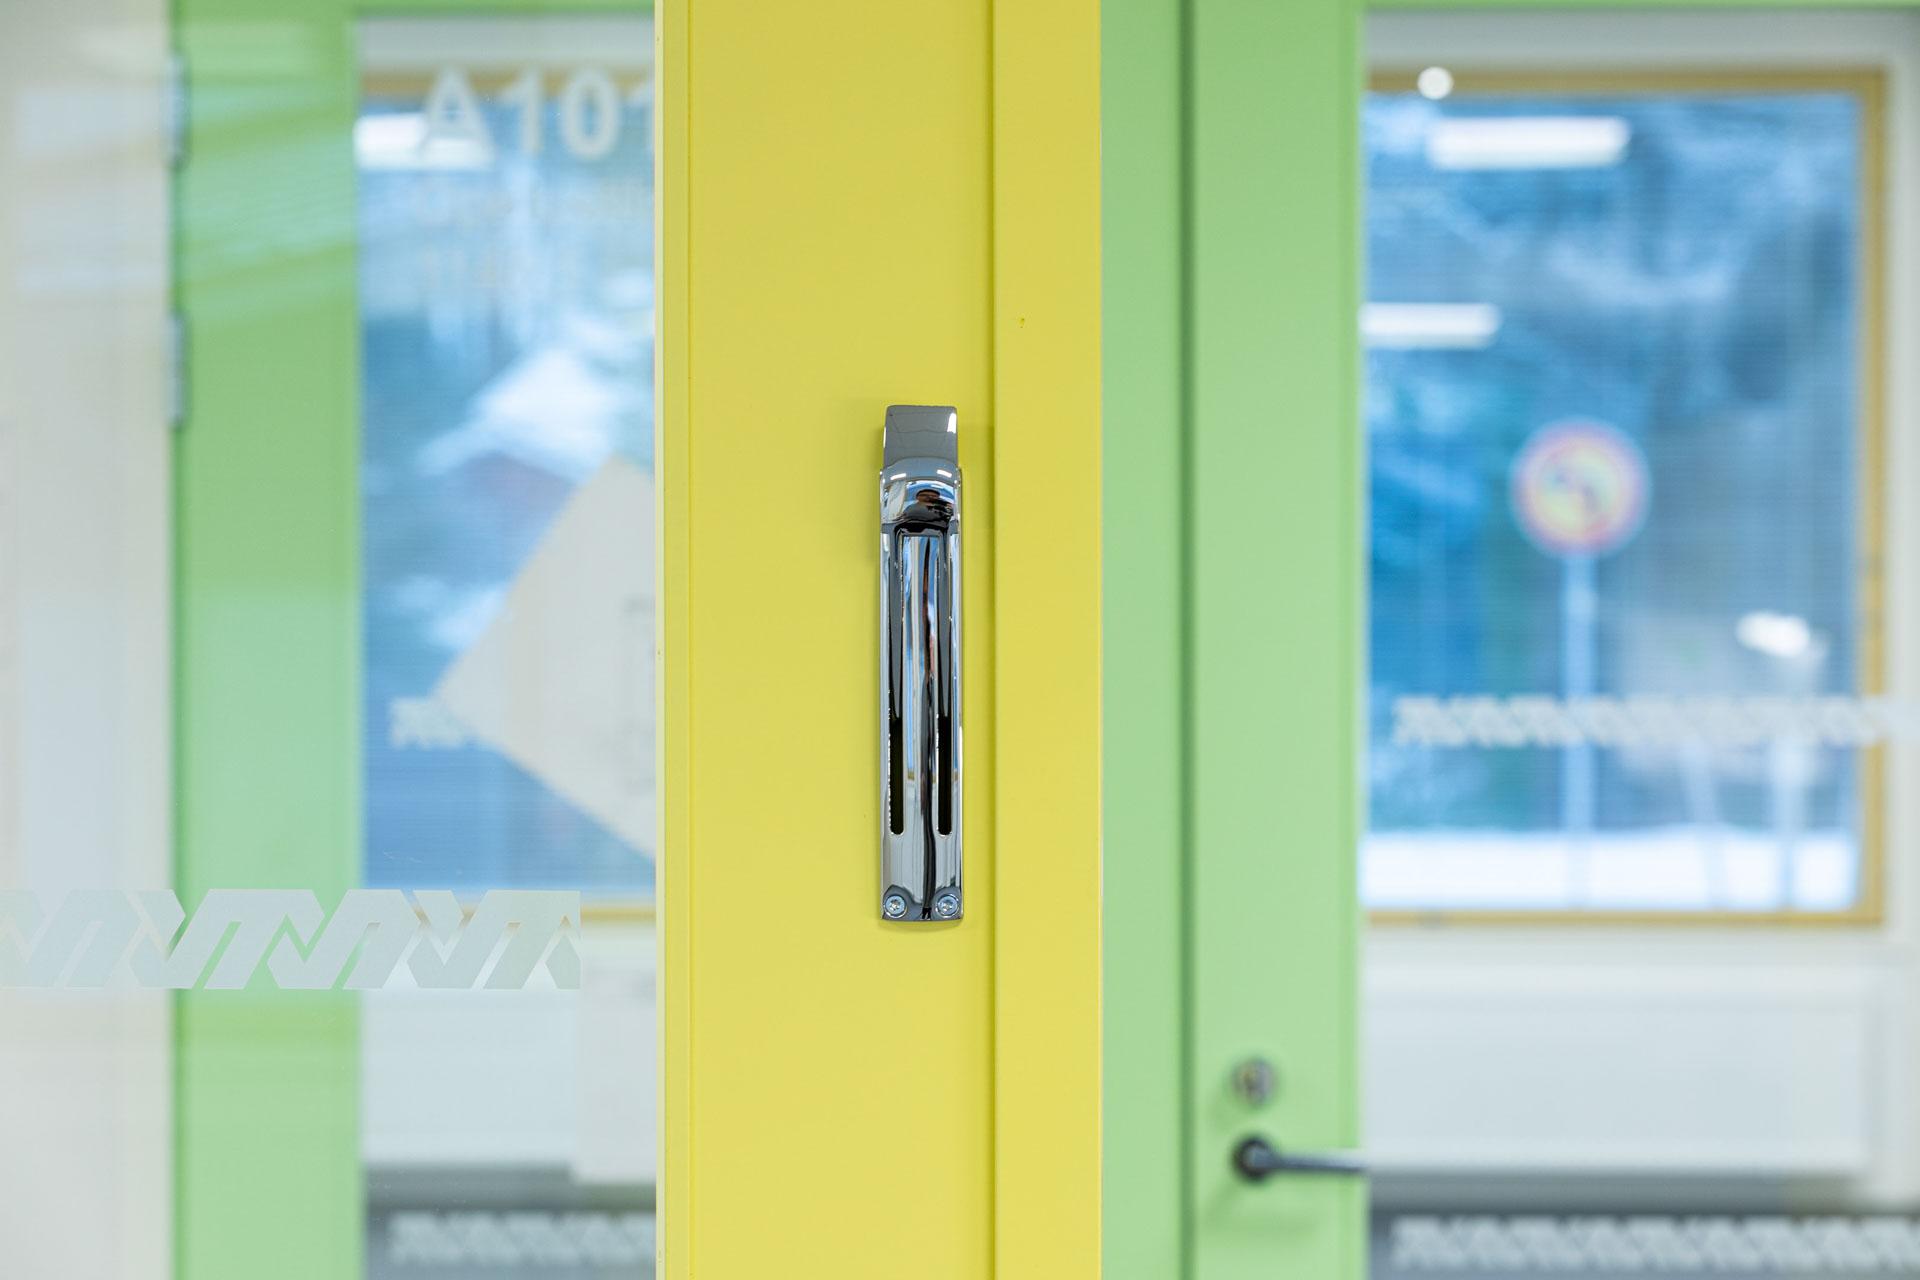 Vihannin koulukeskuksen värikkäitä ovia